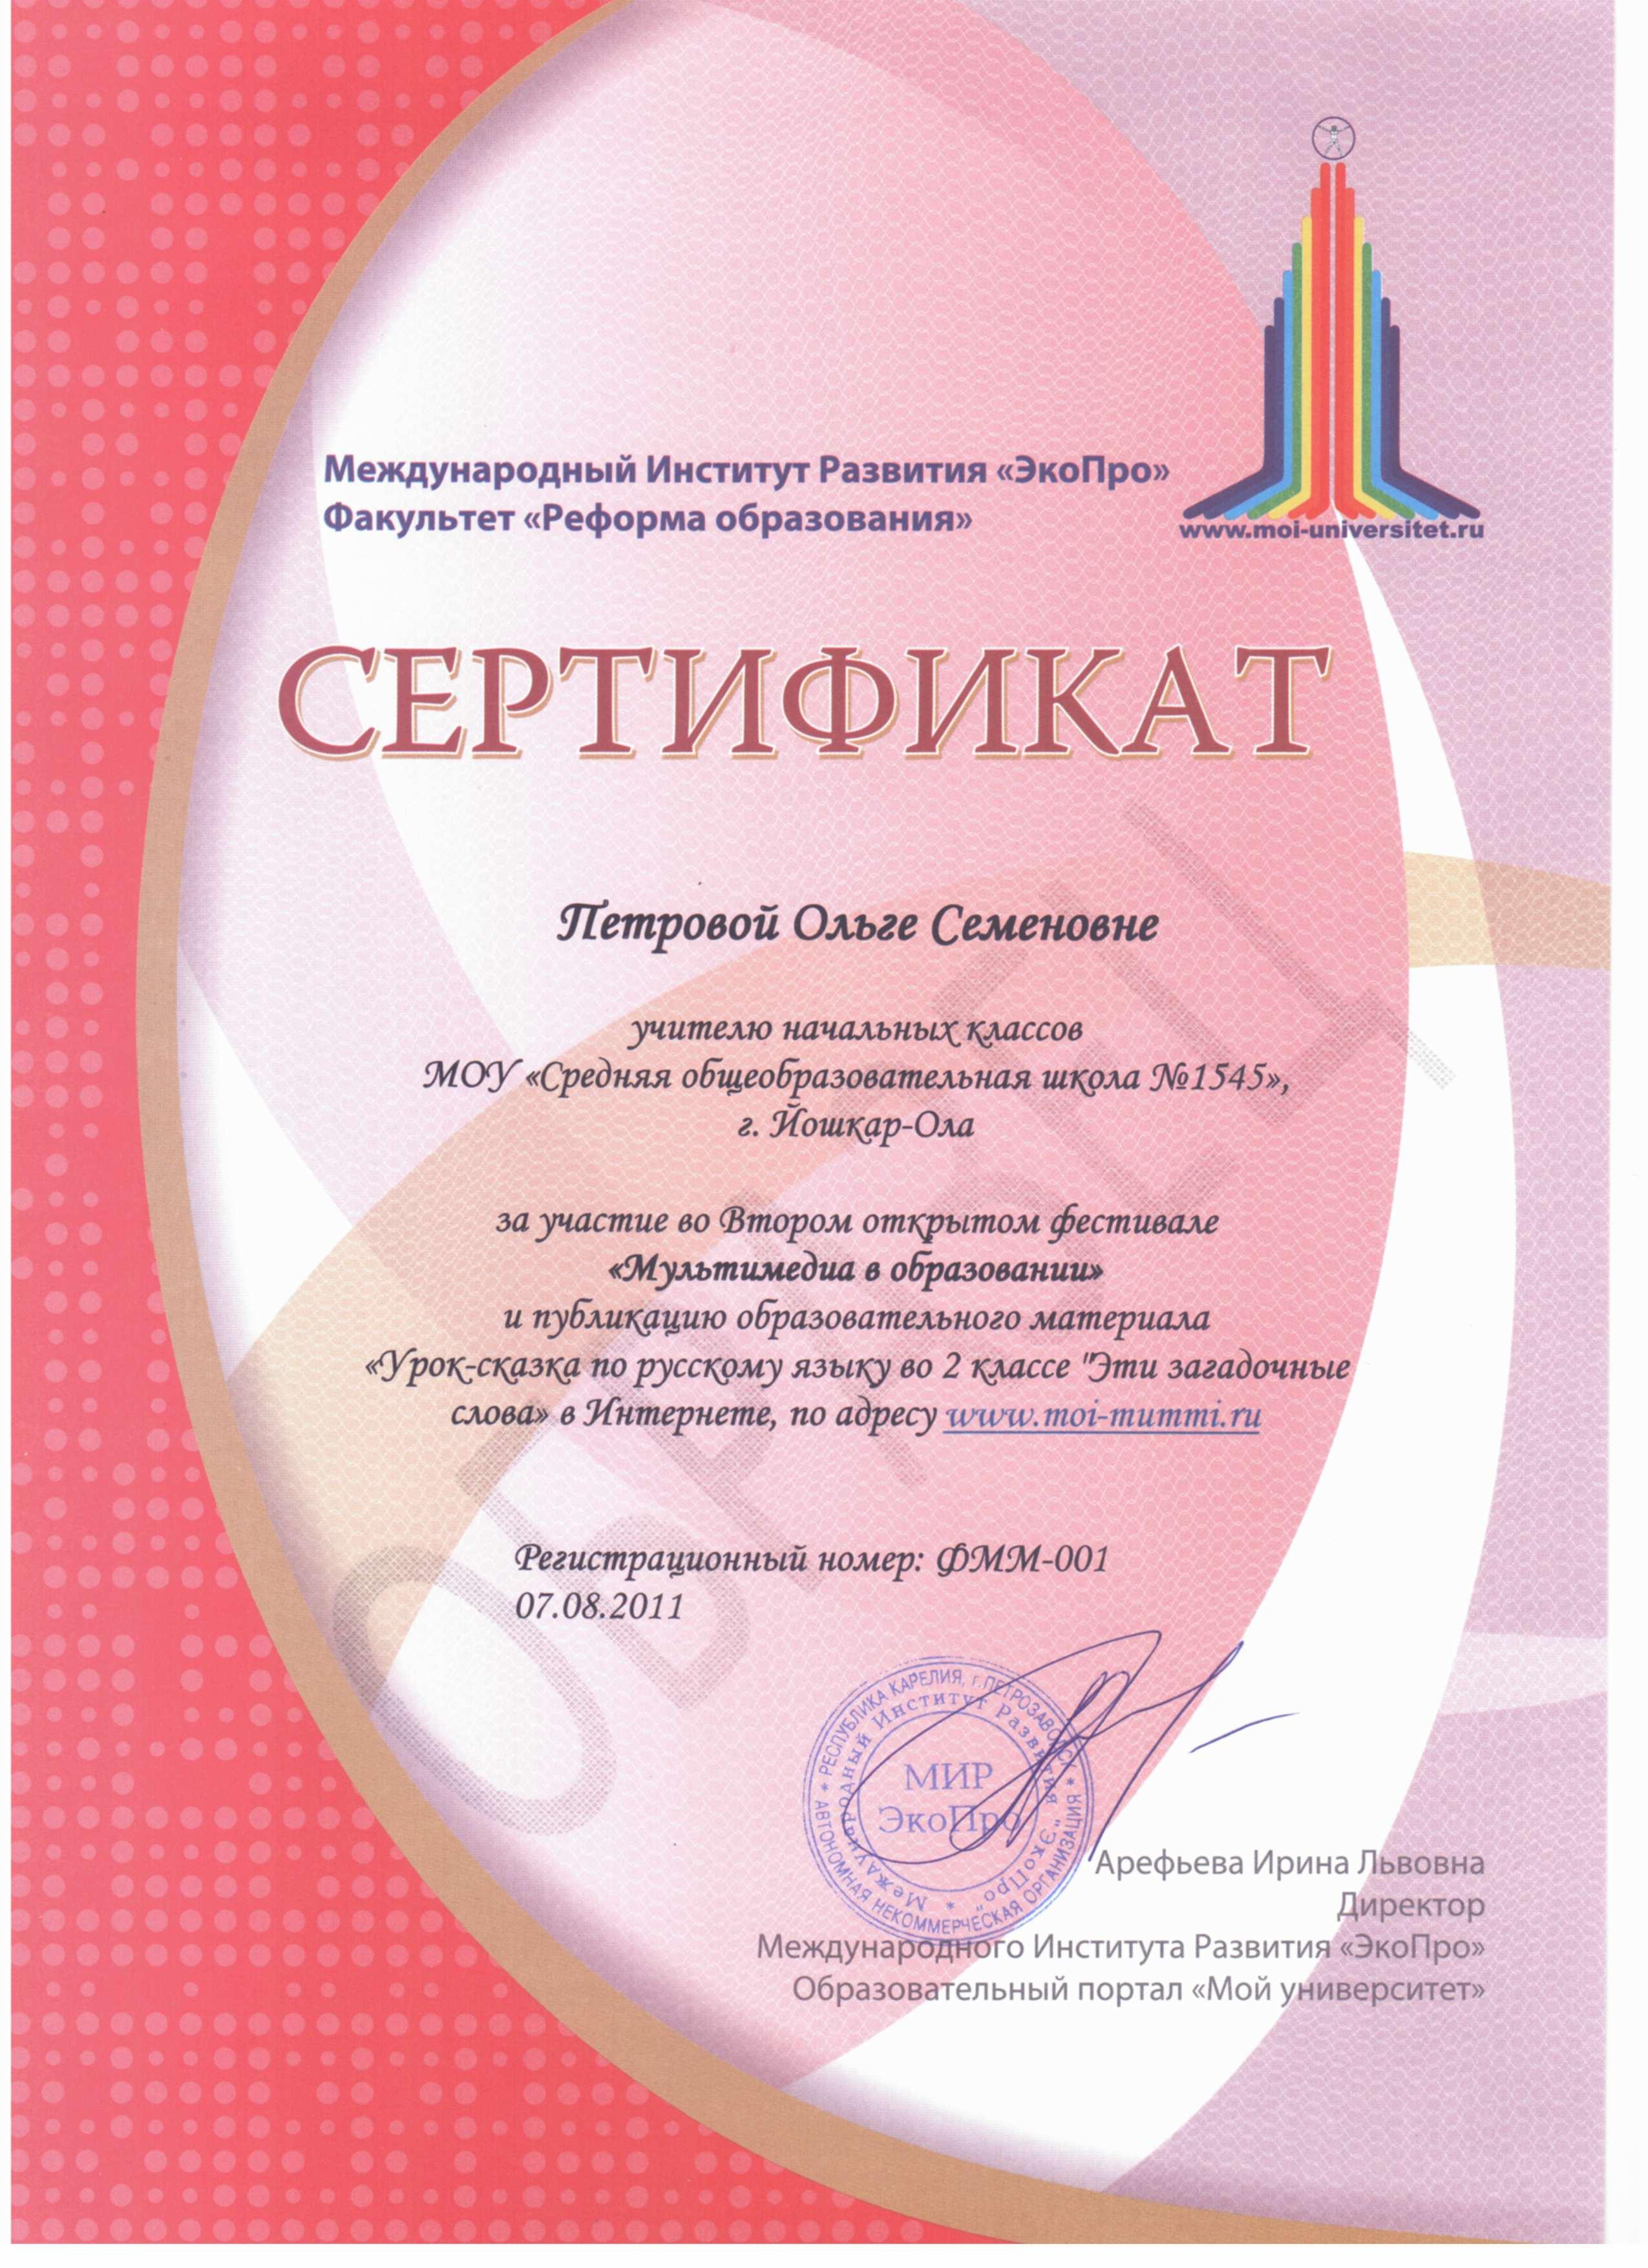 Оформление Сертификата Образец